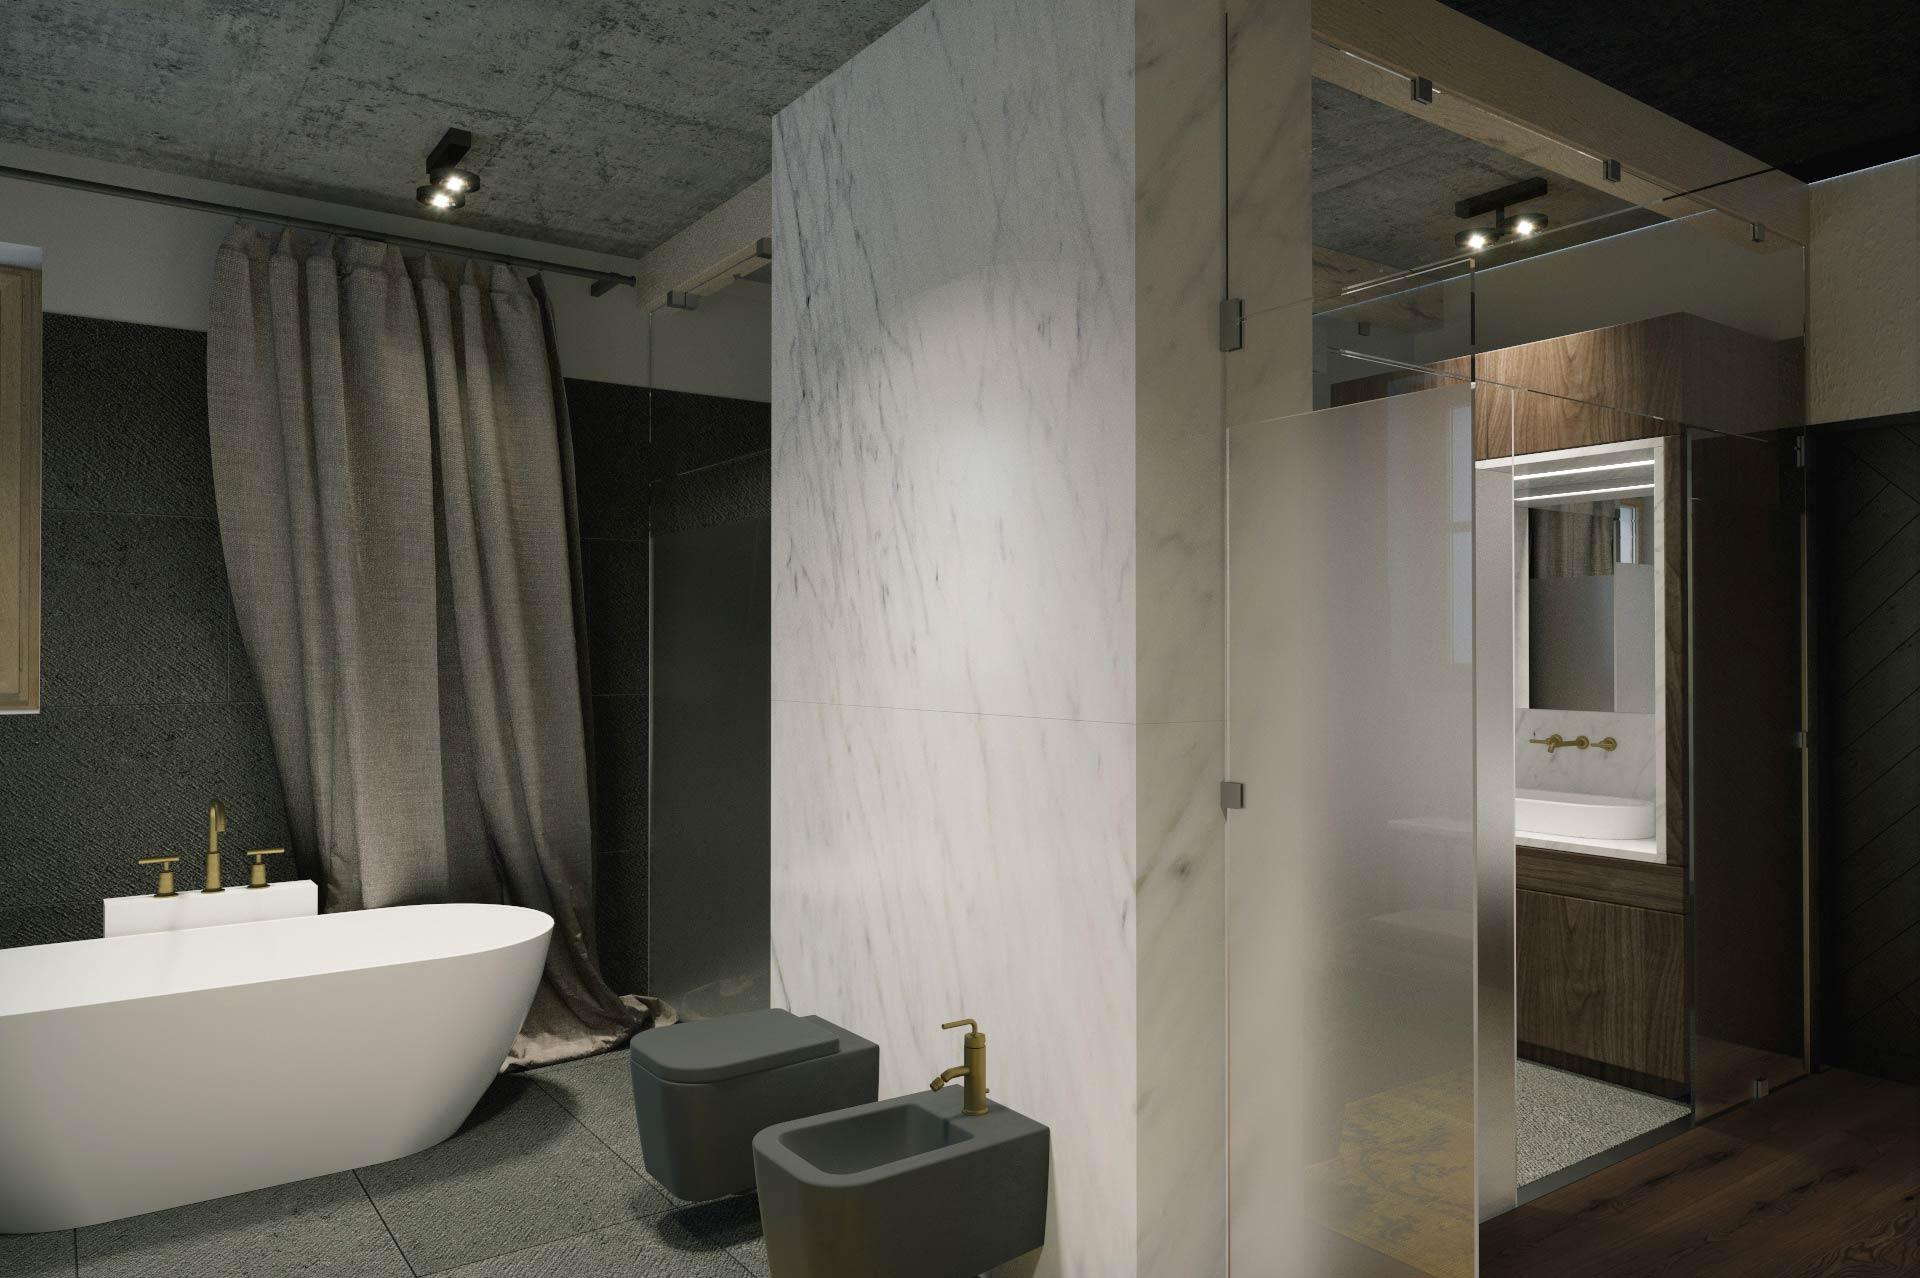 Wizualizacja 3D łazienki w luksusowym domu jednorodzinnym